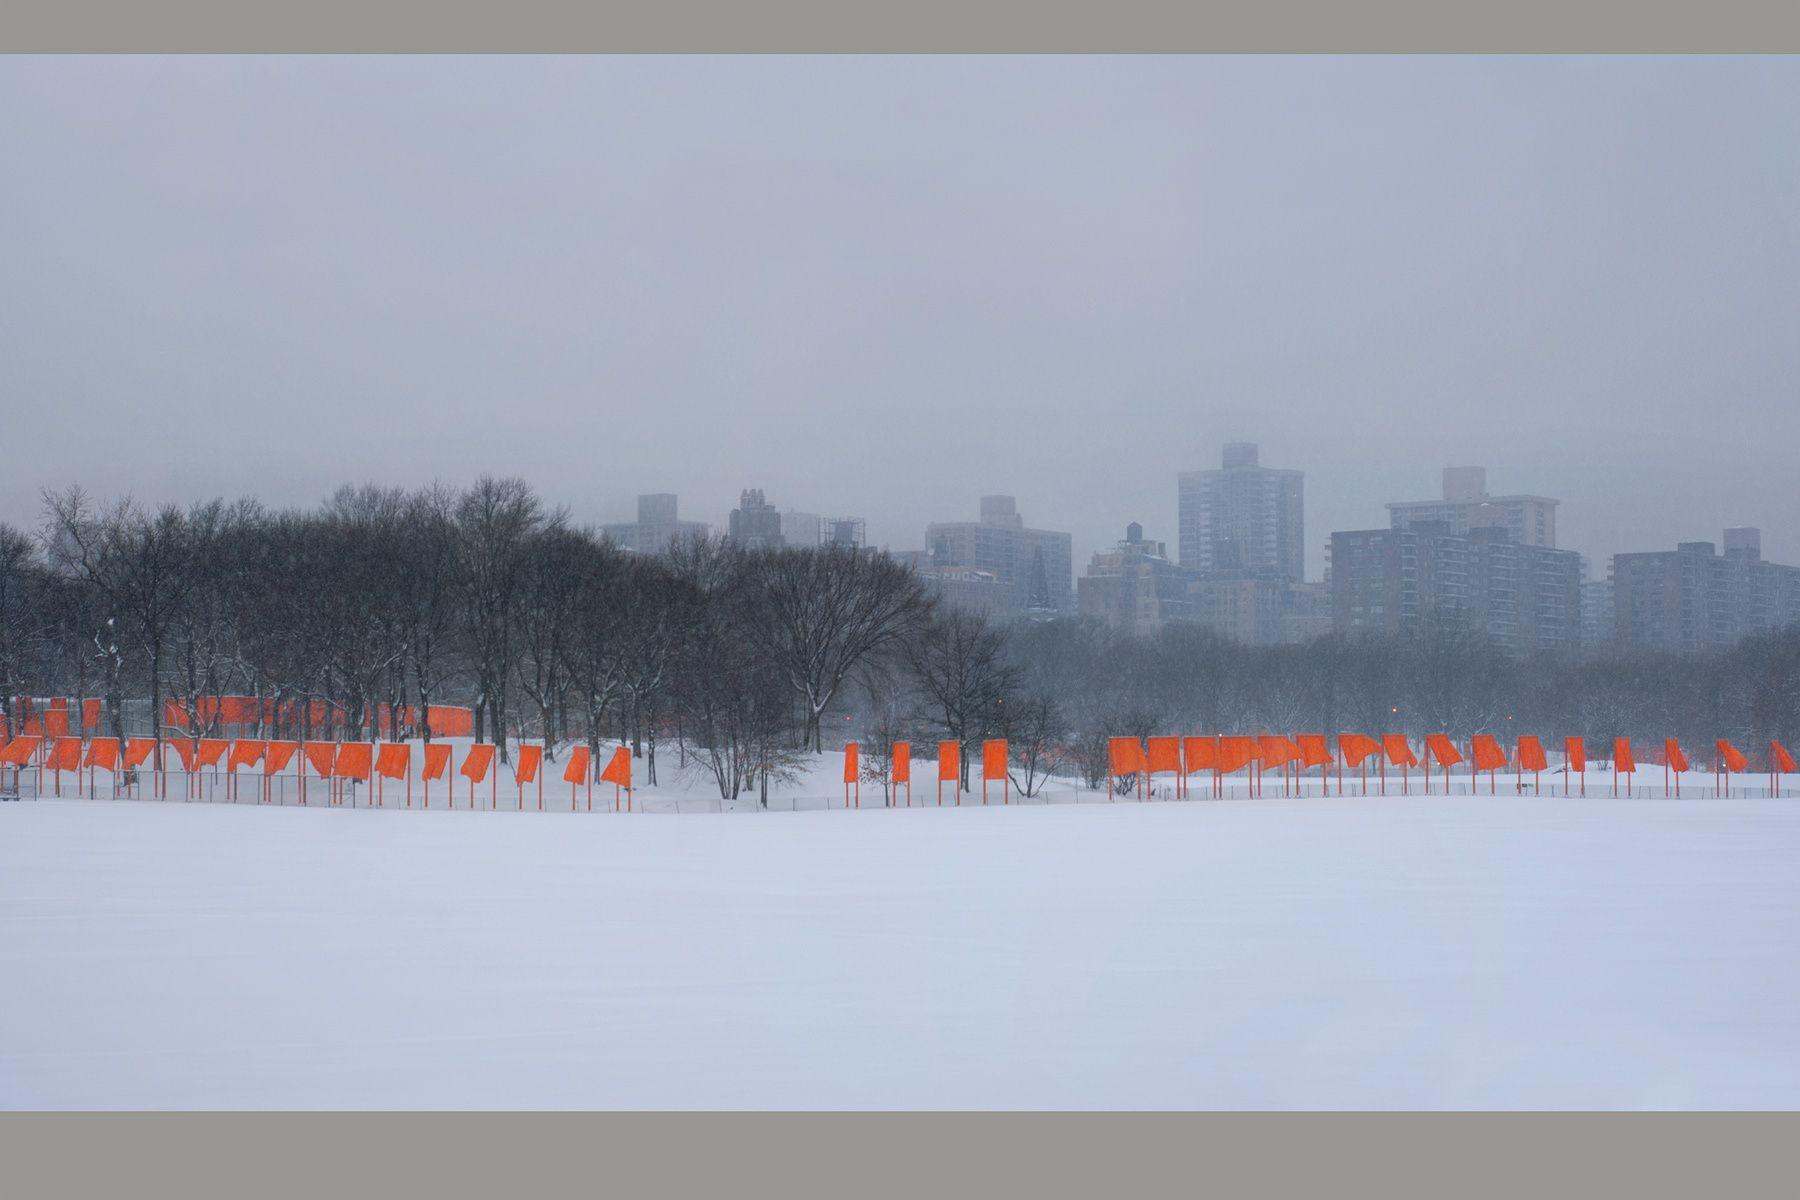 1christo_s_gates_new_york_central_park001.jpg